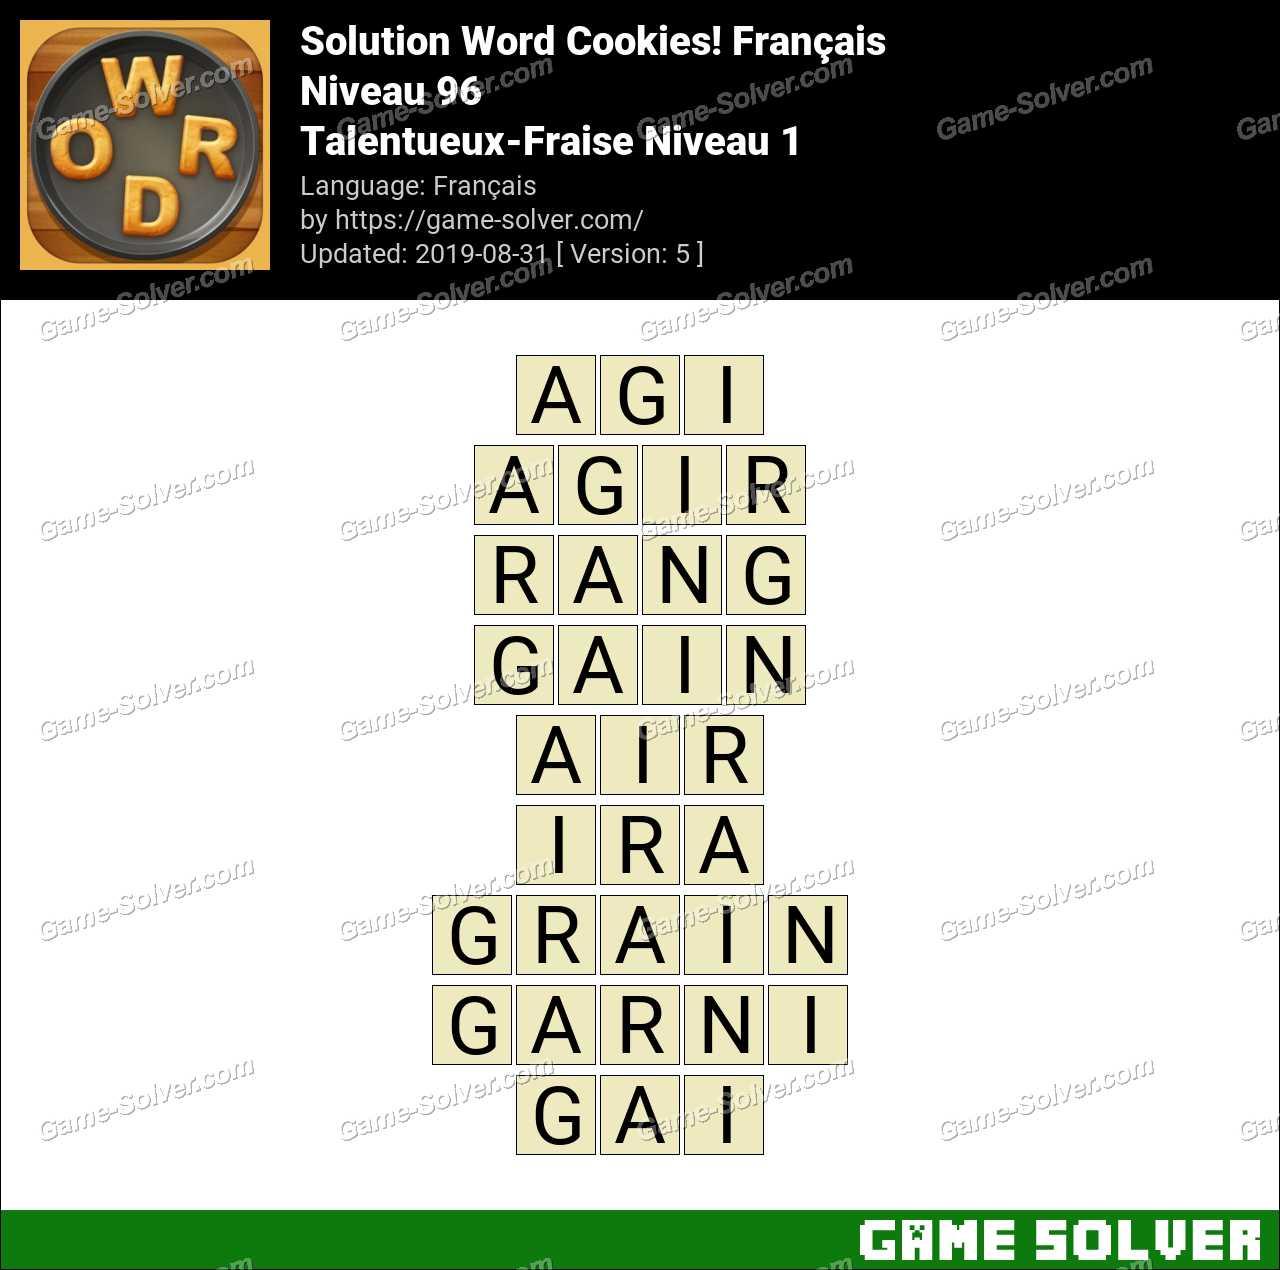 Solution Word Cookies Talentueux-Fraise Niveau 1